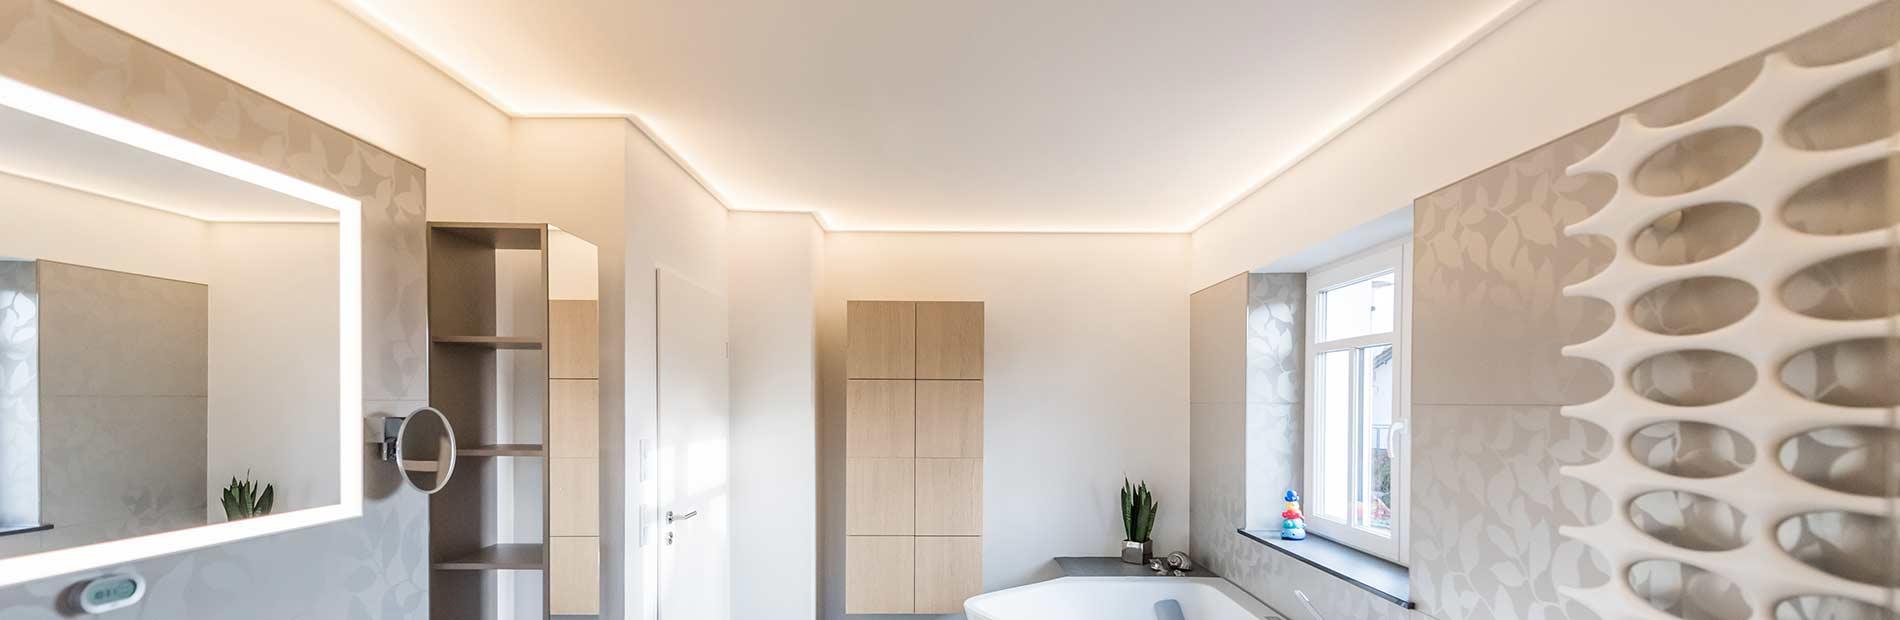 Badbeleuchtung. Wir planen das perfekte Licht in Ihrem Bad